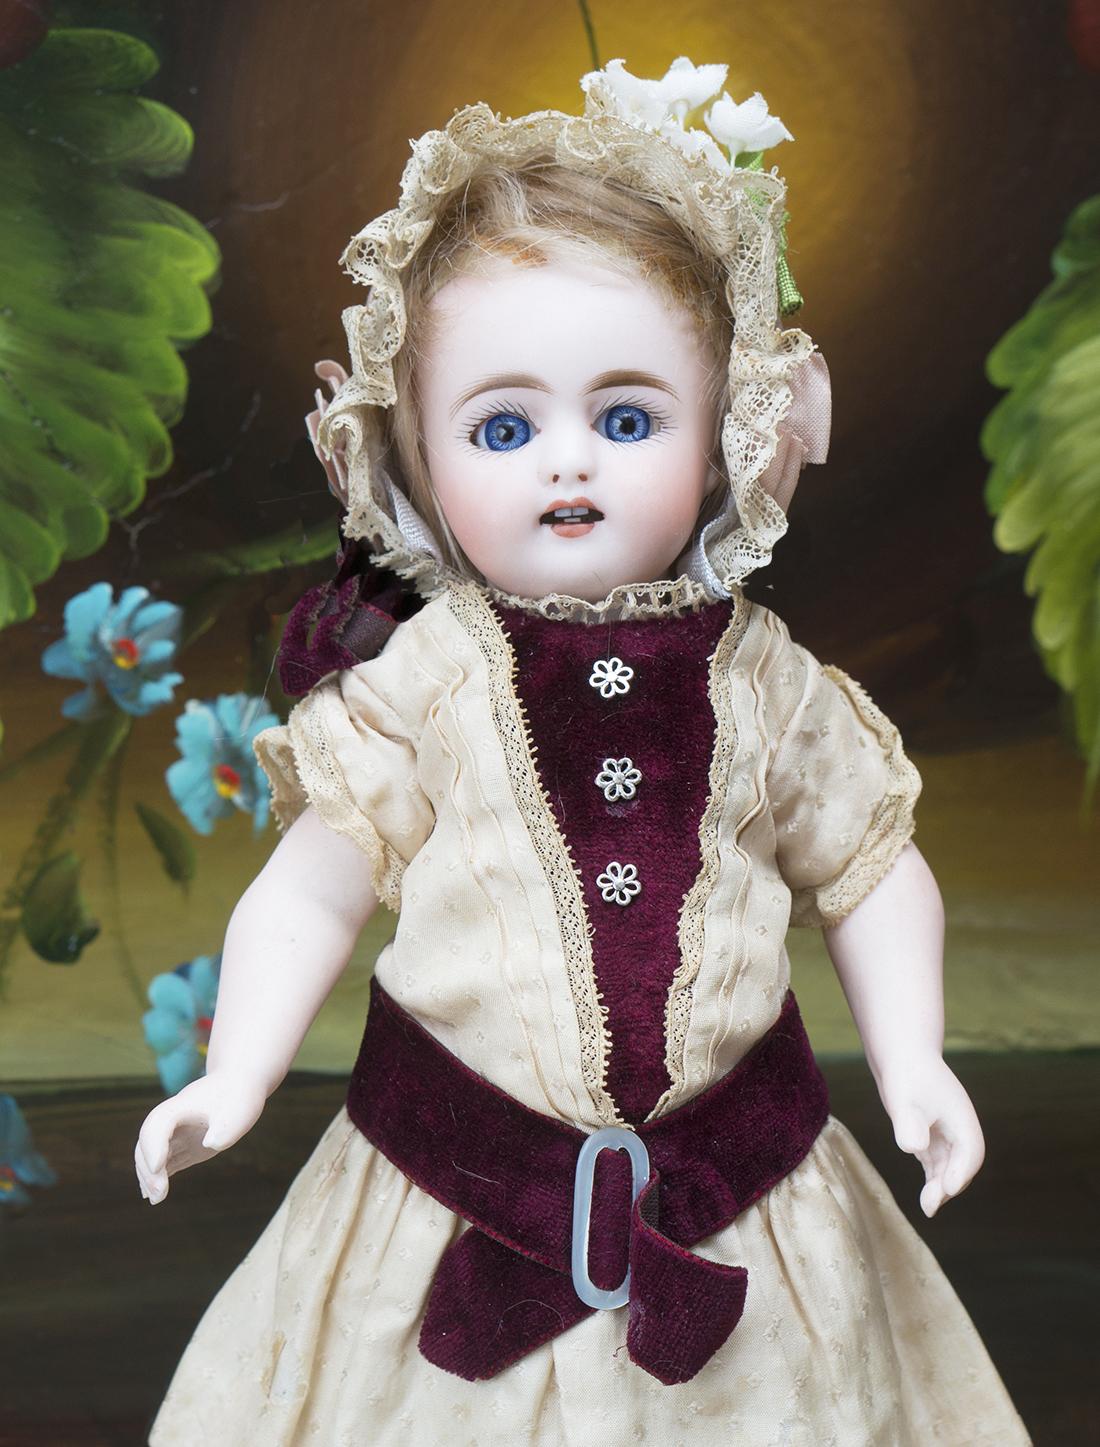 Фарфоровая кукла  Simon&Halbig 23см